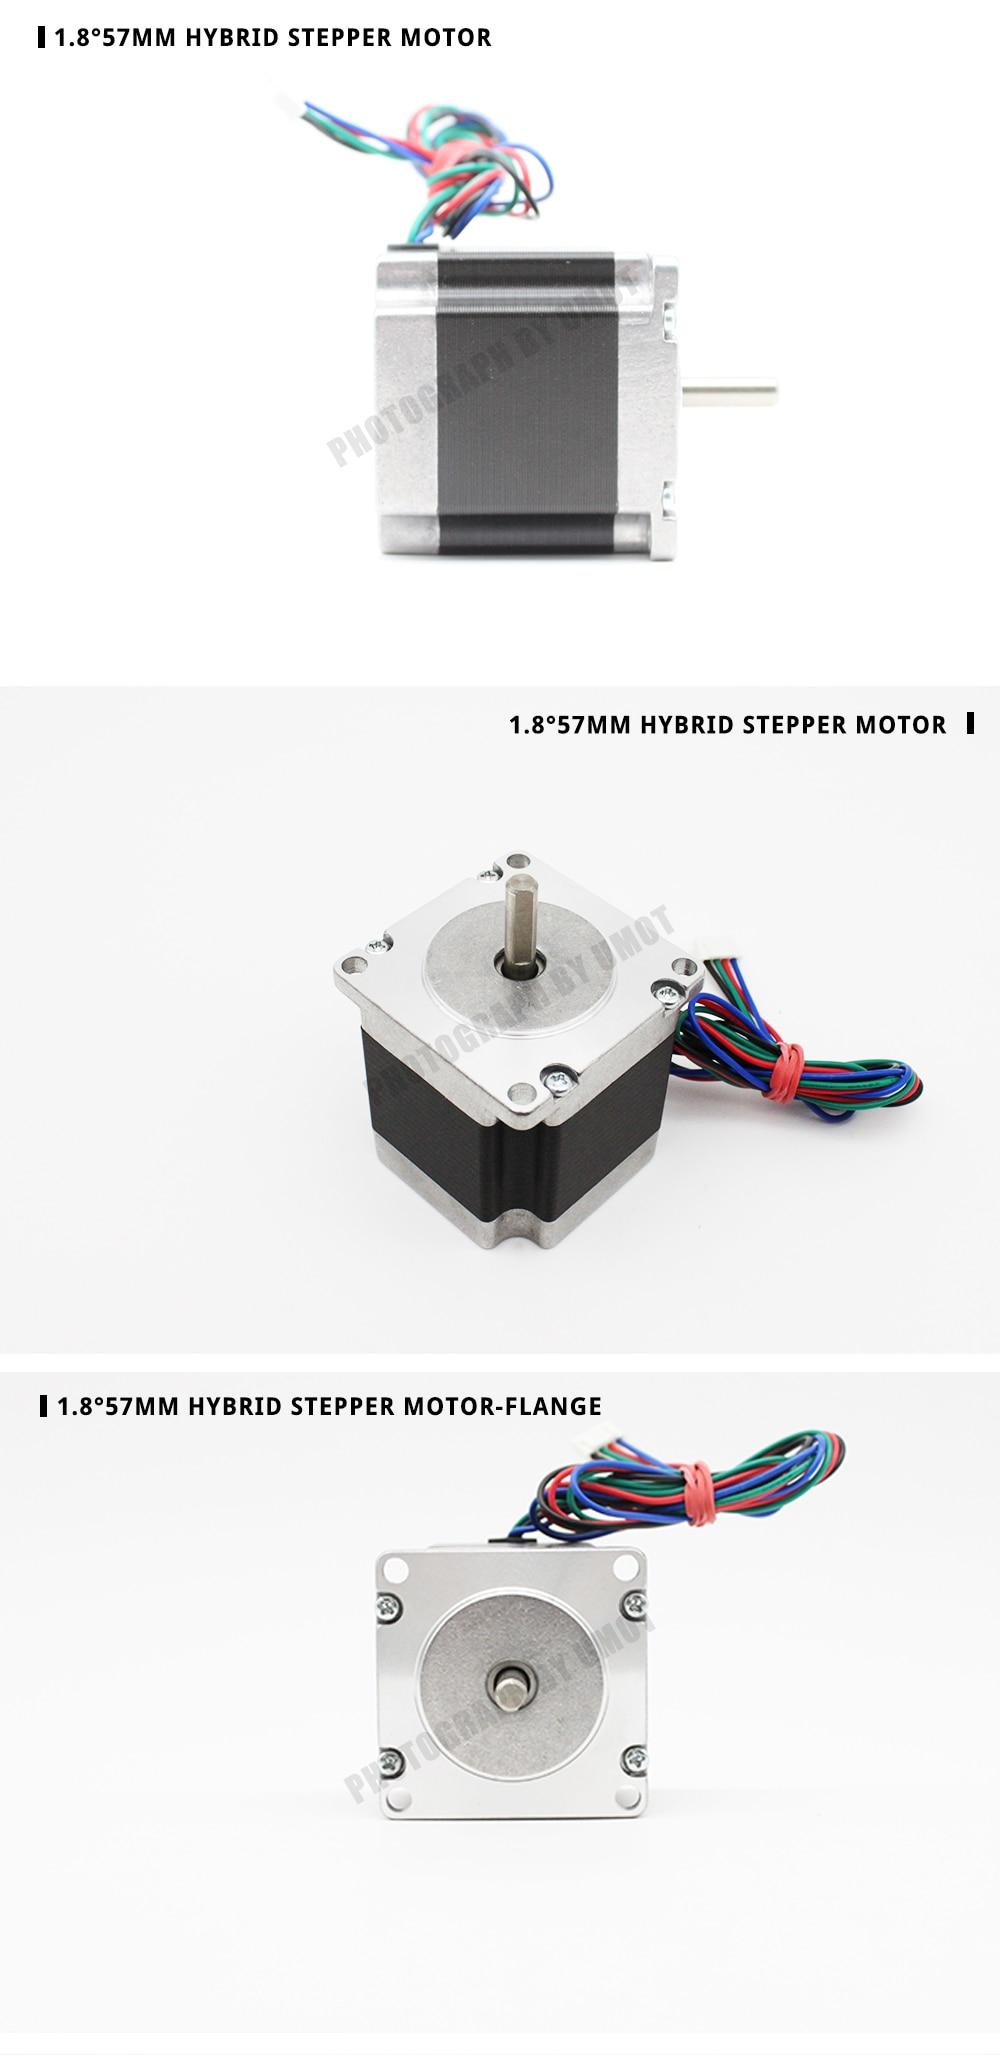 1.8°57mm-stepper-motor_05